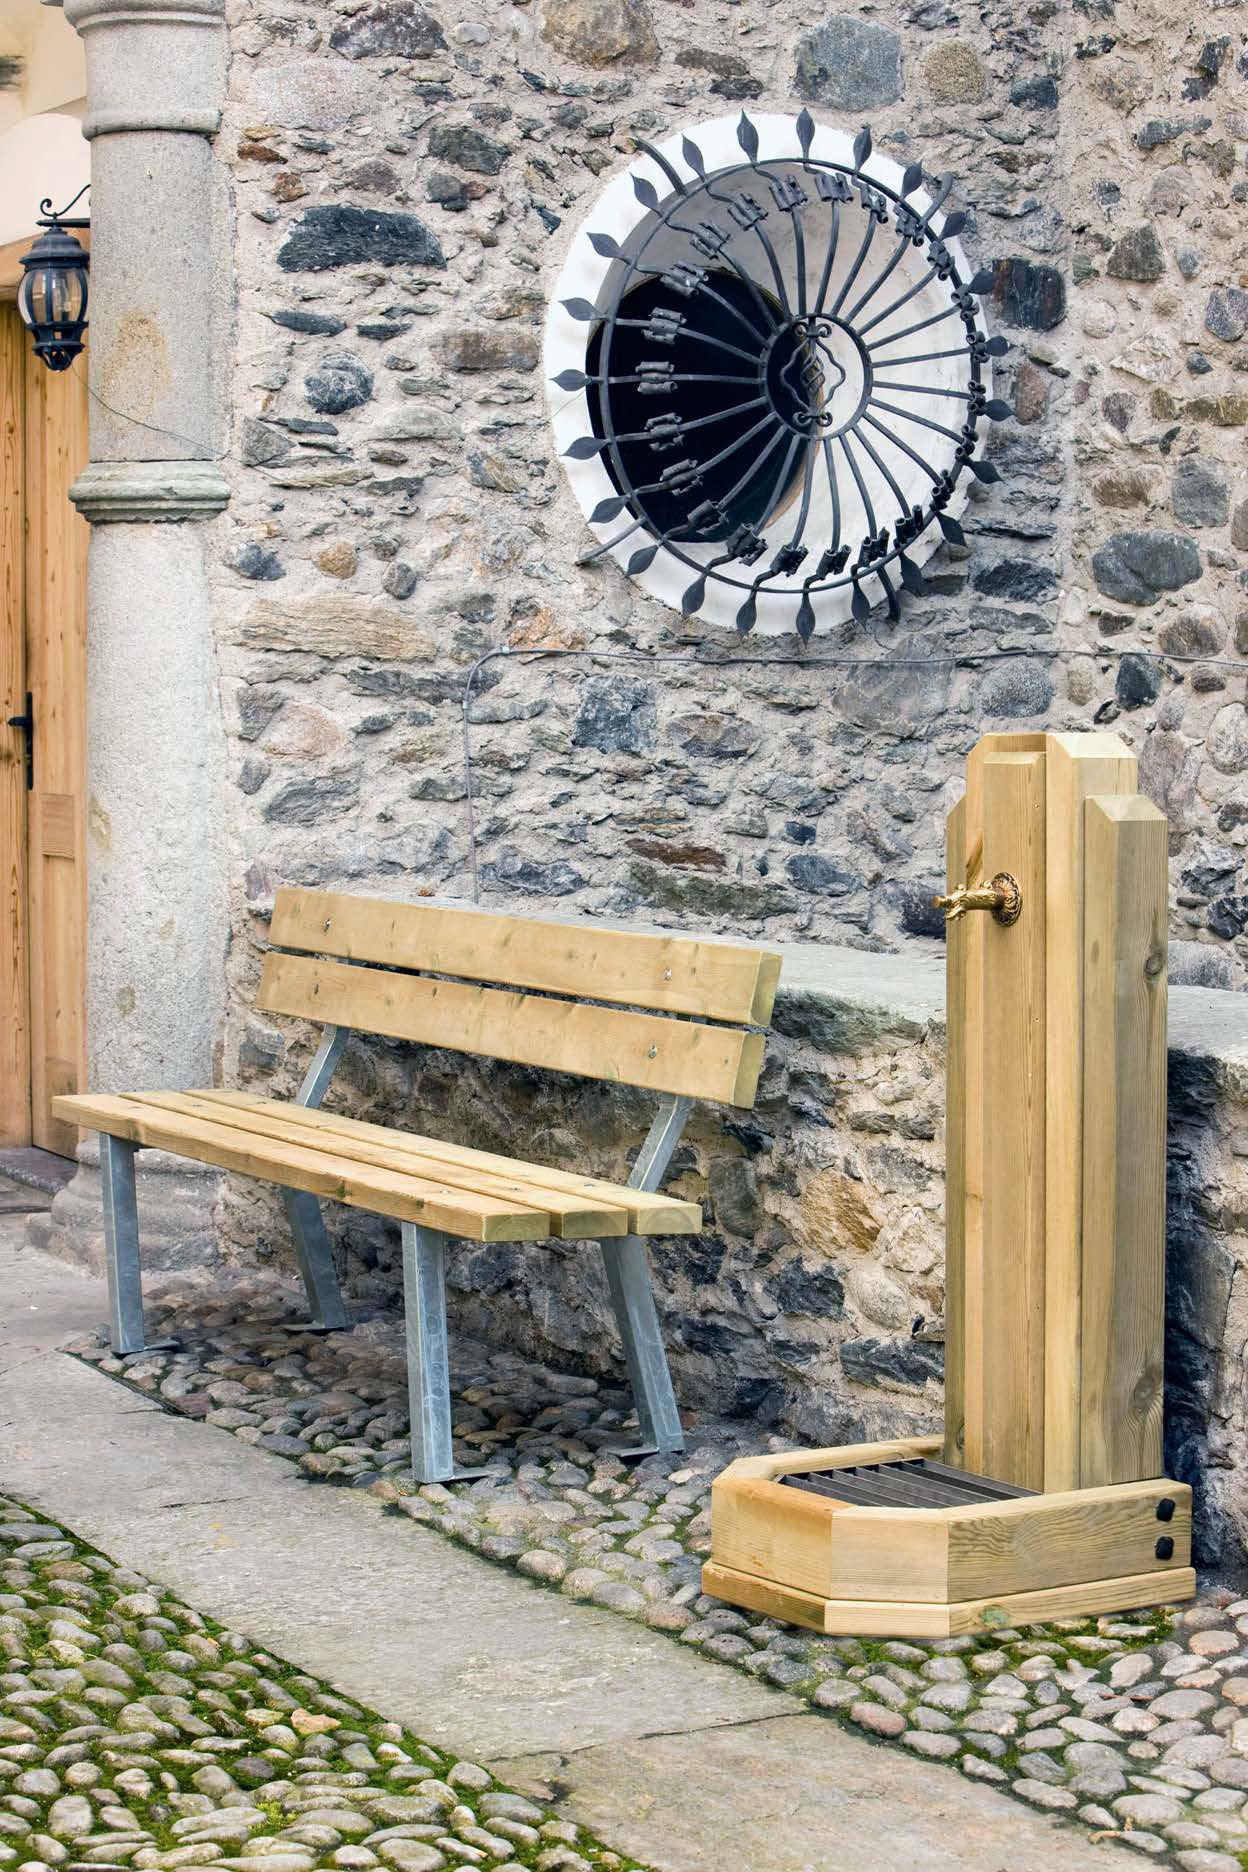 Panchina in legno impregnato in autoclave per esterno e basamento in acciaio zincato a caldo realizzata da Linea Montanalegno - ILT